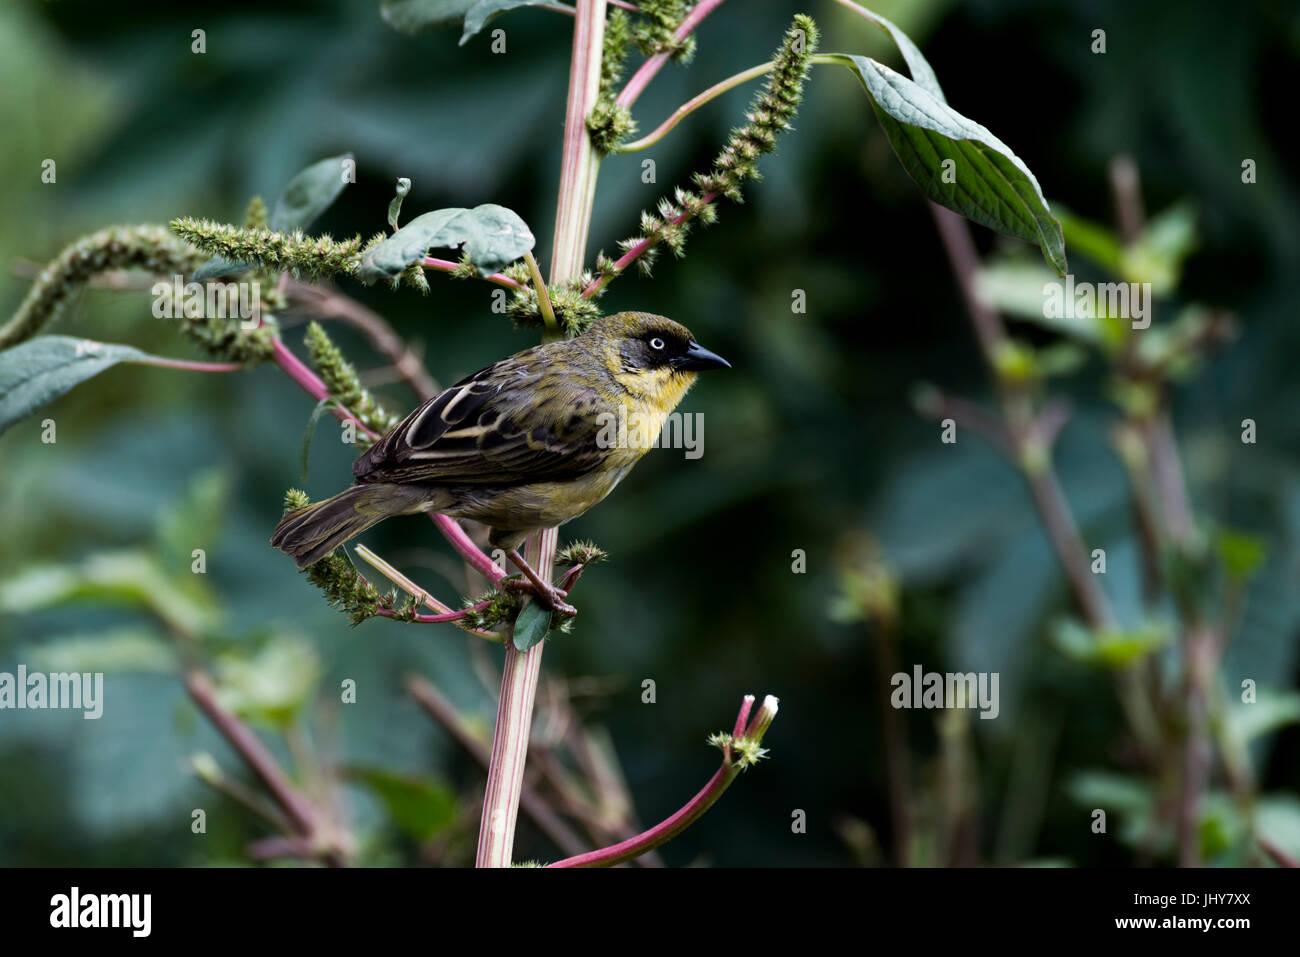 pine warbler (Setophaga pinus) sitting on branch, Addis Ababa Ethiopia Stock Photo